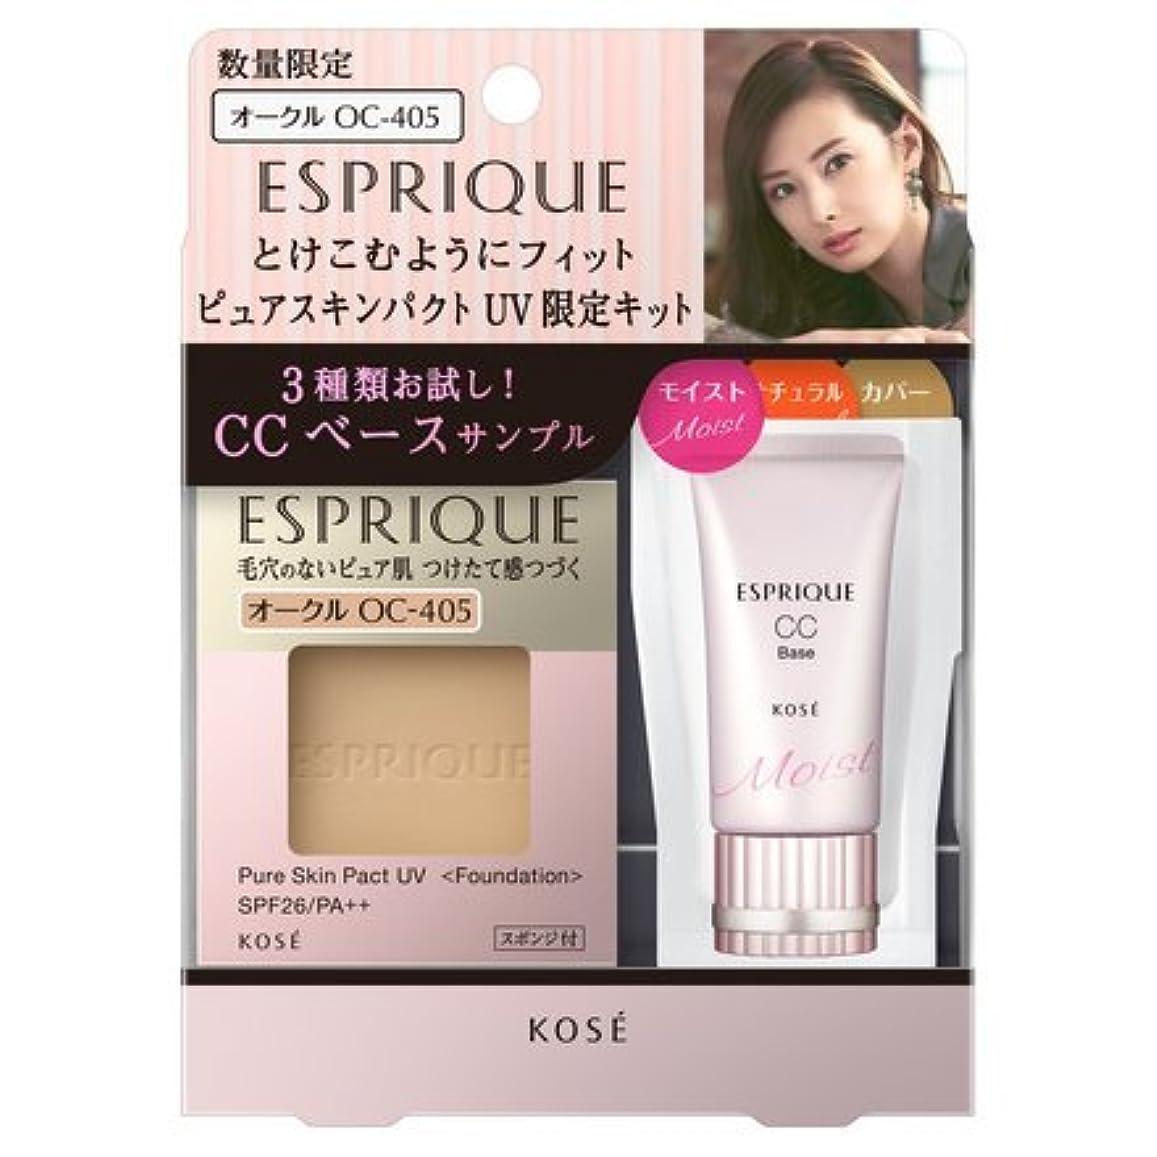 コーセー エスプリーク ピュアスキンパクトUV 限定キット4 (OC-405)